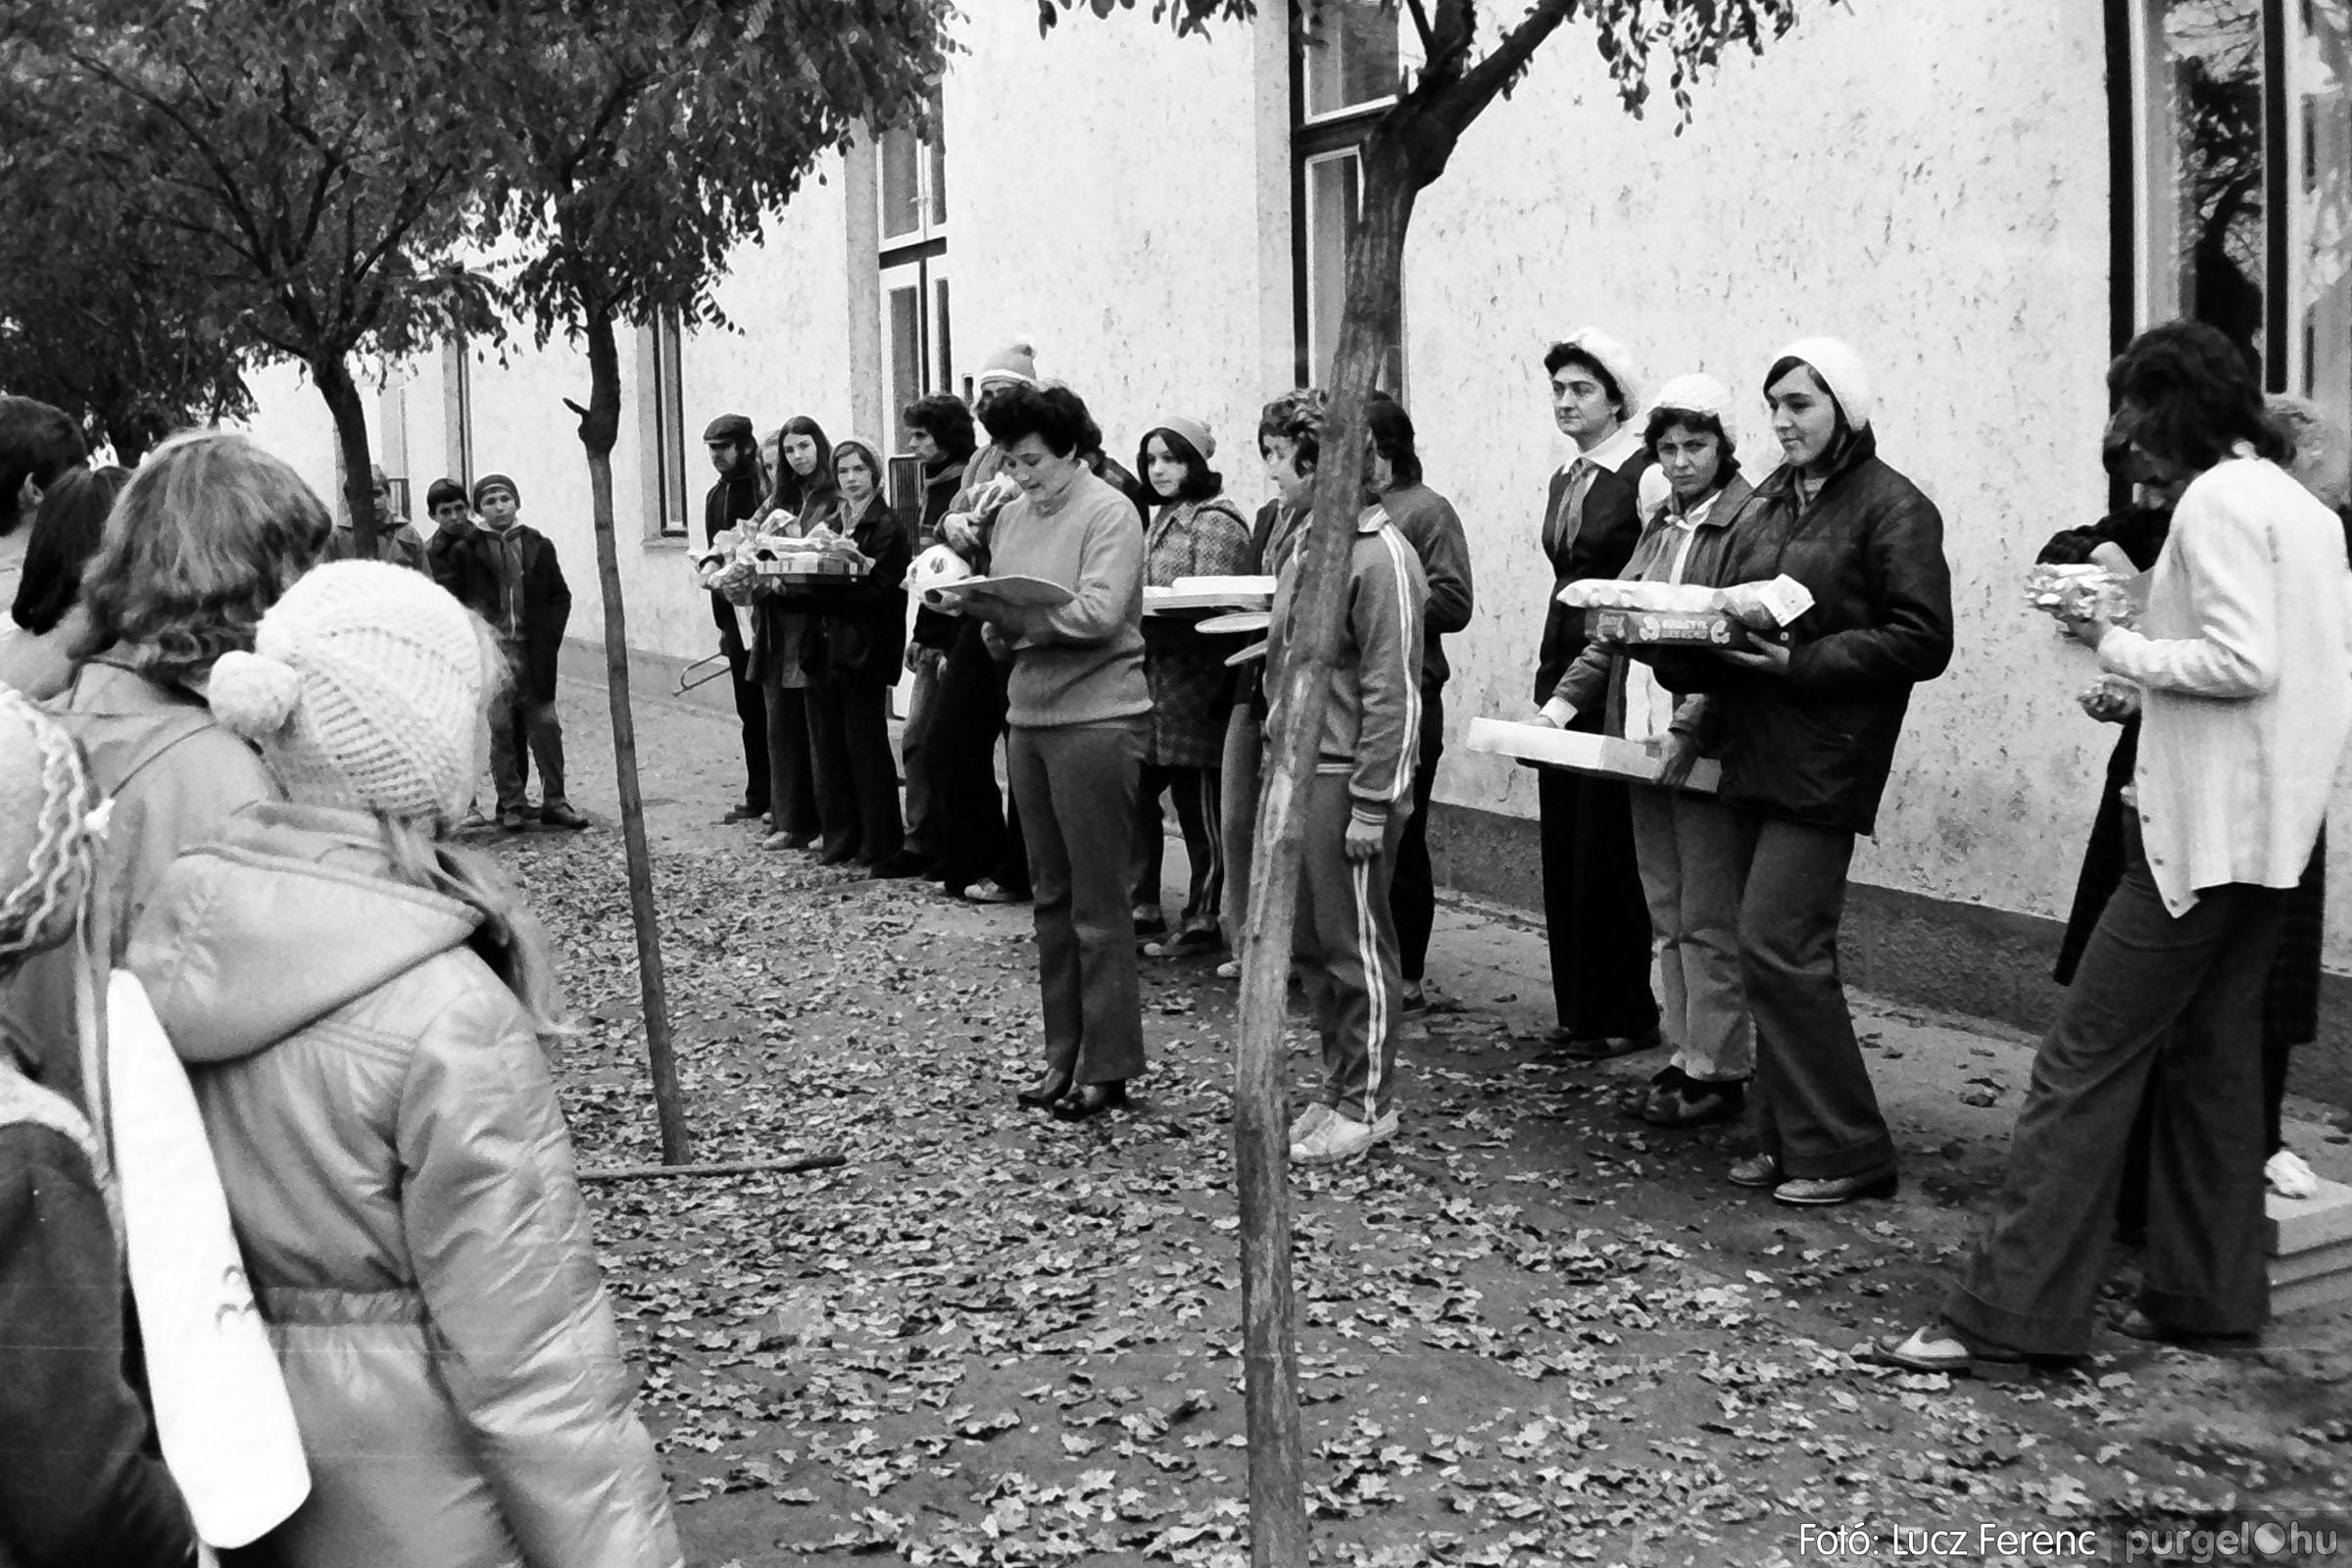 004A 1970-es évek - Úttörő rendezvény 018 - Fotó: Lucz Ferenc IMG00029q.jpg